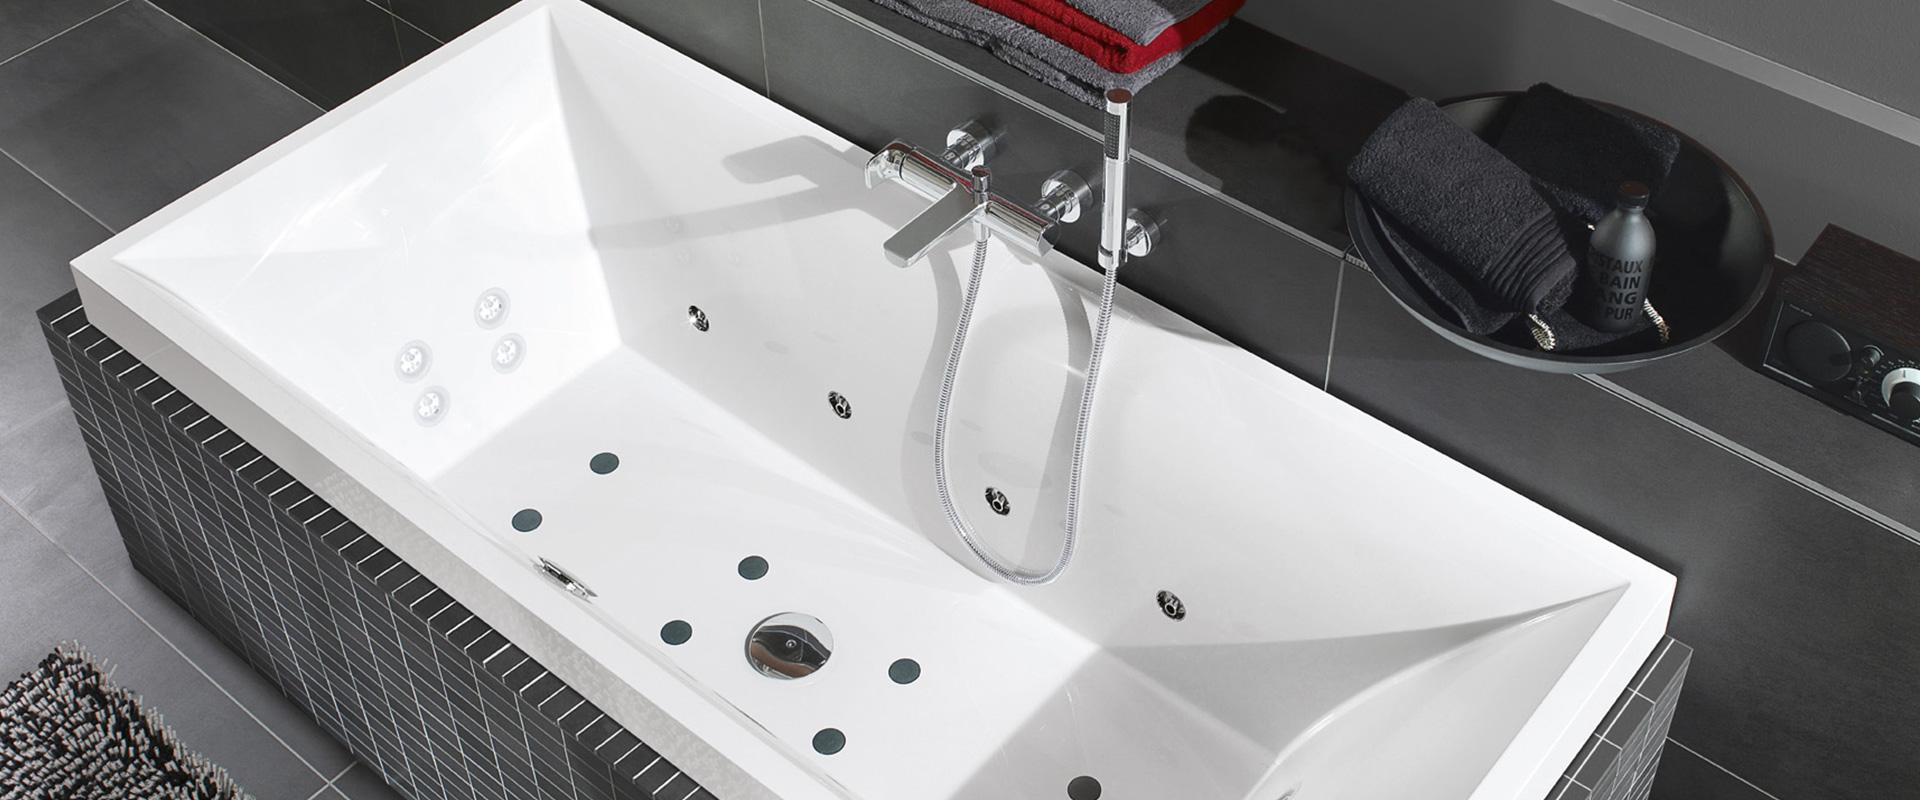 Die passende badewanne h chstes ma an individualit t - Villeroy und boch badewanne whirlpool ...